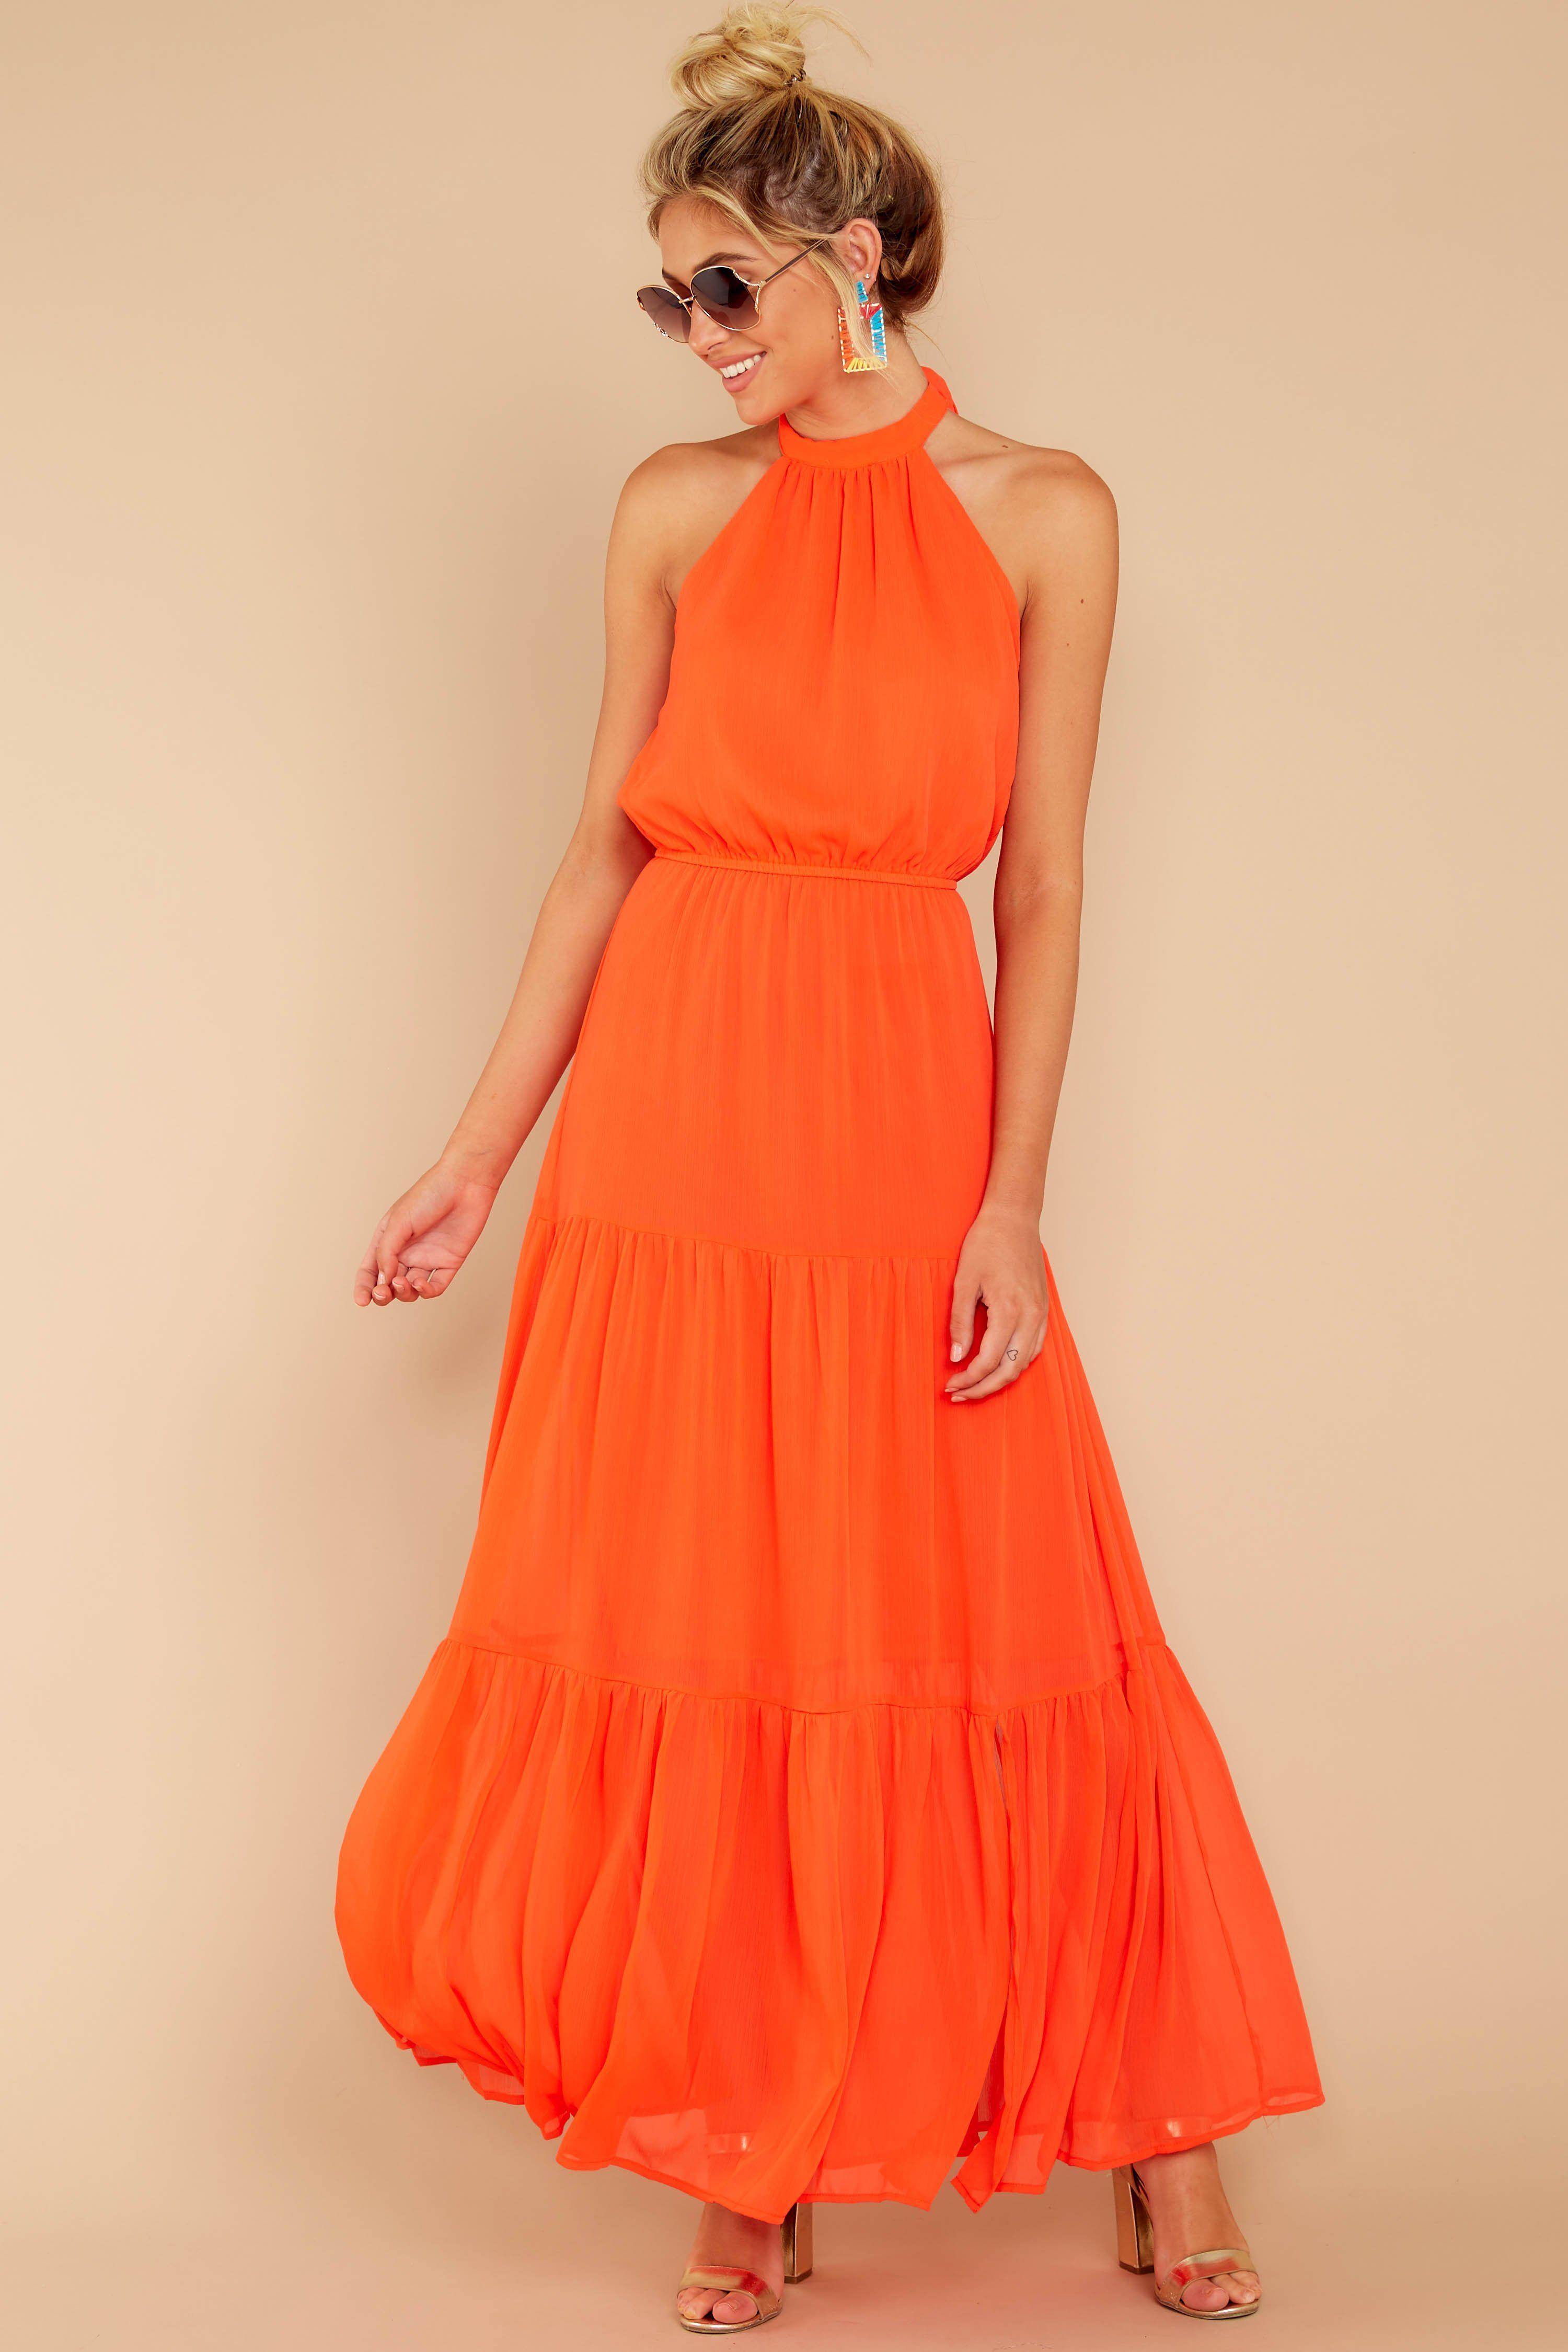 Orange Casual Dresses ,Orange Summer Dresses,Orange Maxi Dresses,Orange Dresses for Juniors,orange summer dress,orange dress,orange maxi dress,